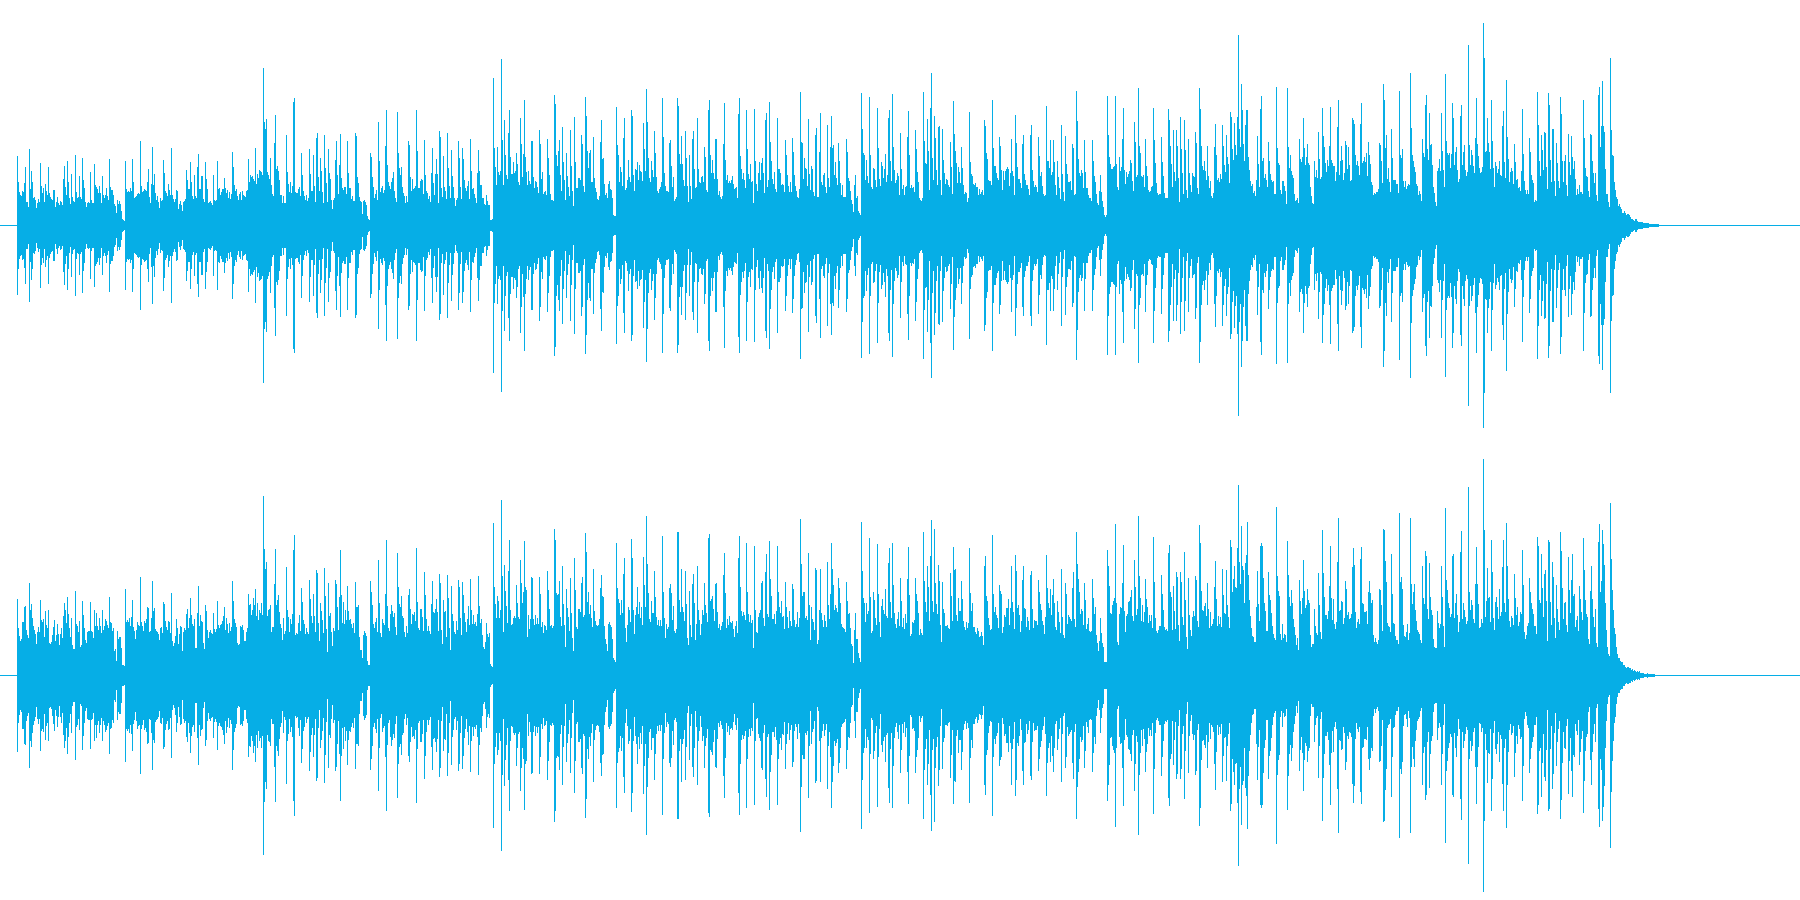 チョッパー・ベースが弾むフュージョンの再生済みの波形